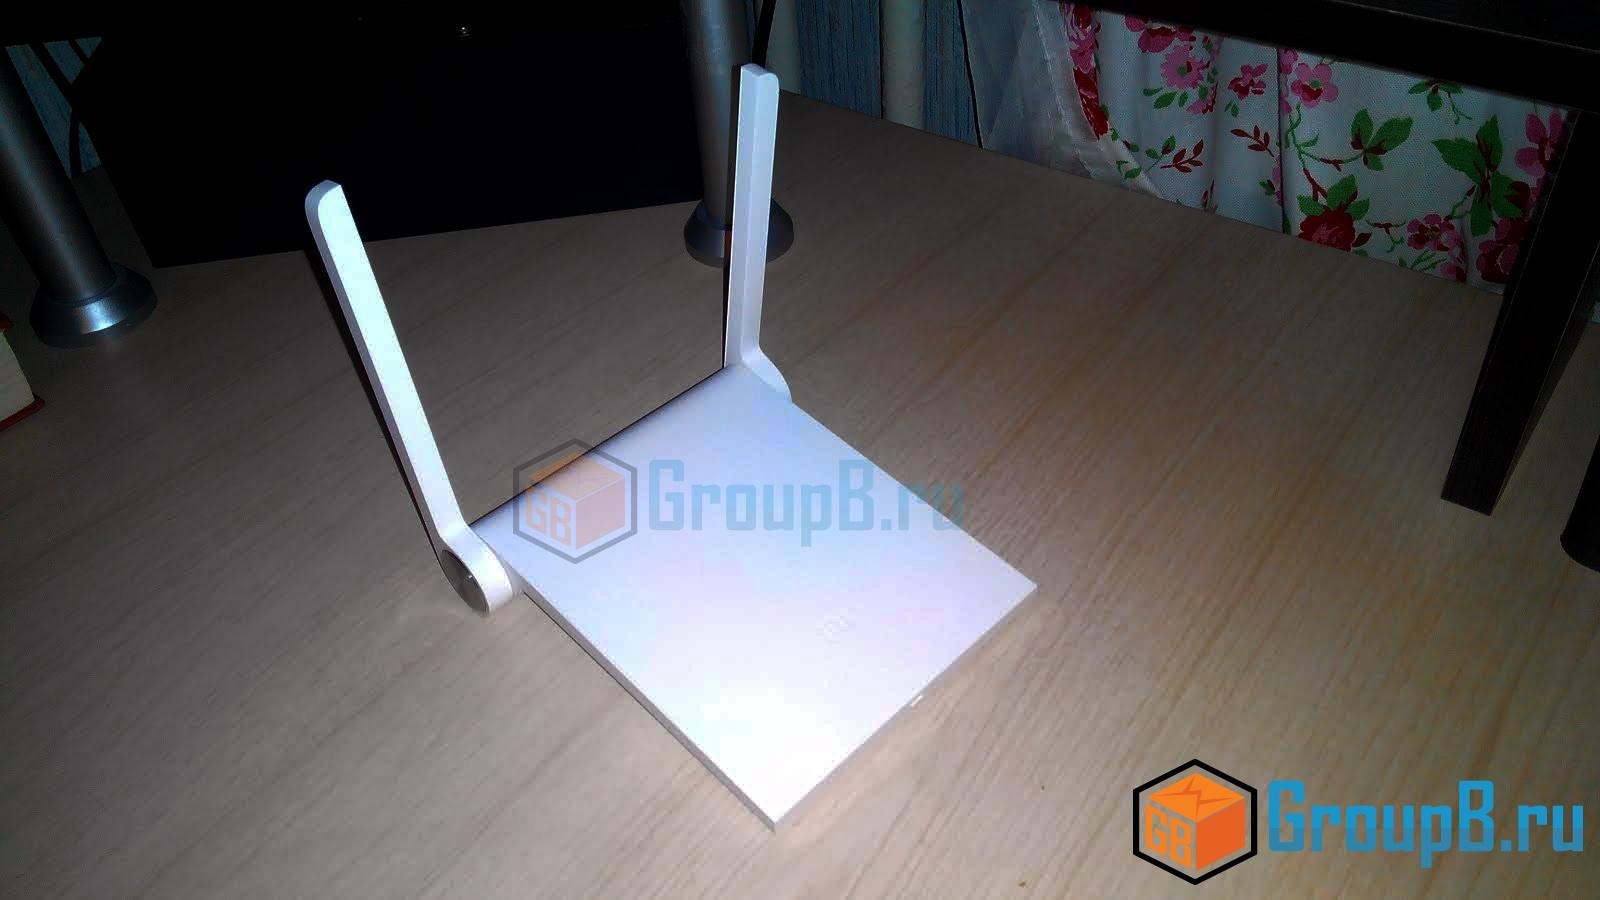 xiaomi wifi mini